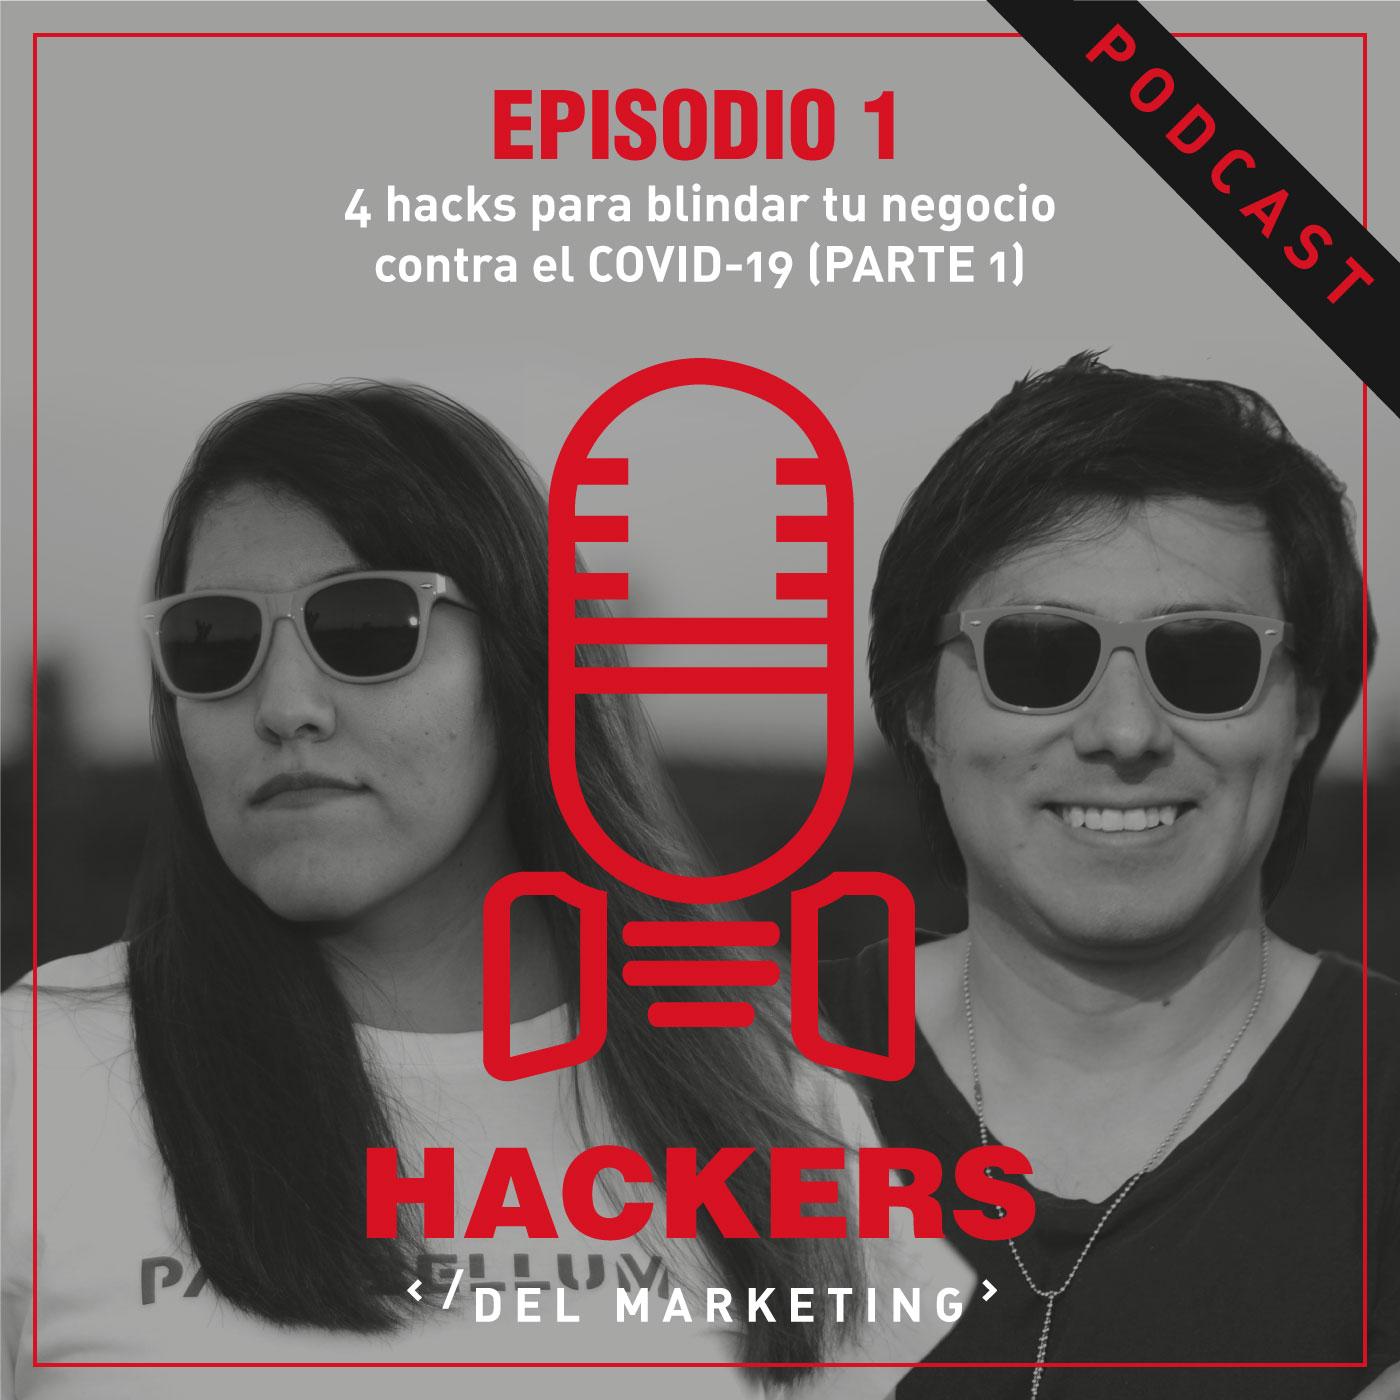 4 Hacks para blindar tu negocio contra el COVID-19 – Parte 1